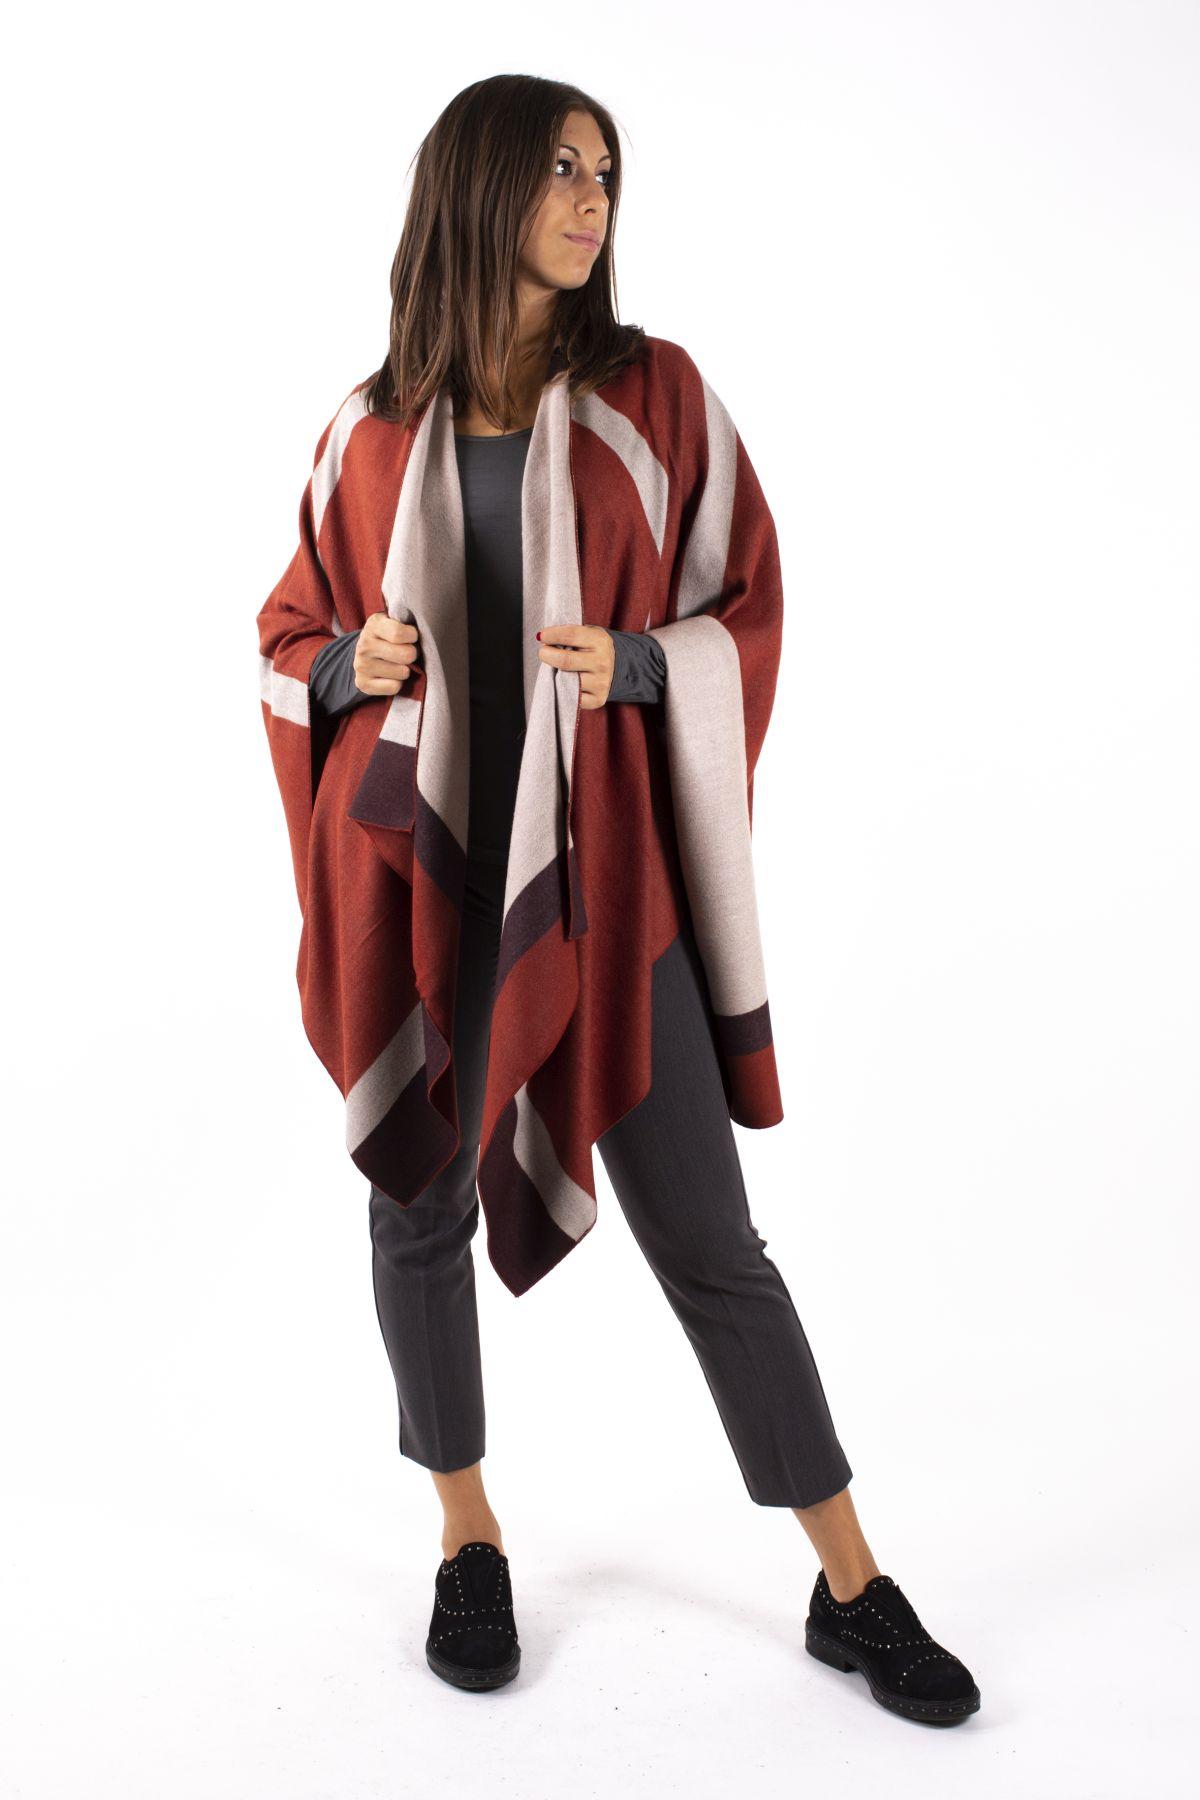 GIACCA A MANTELLA IN VISCOSA TRICOLORE  da donna - UNICA - Paquito Pronto Moda Shop Online